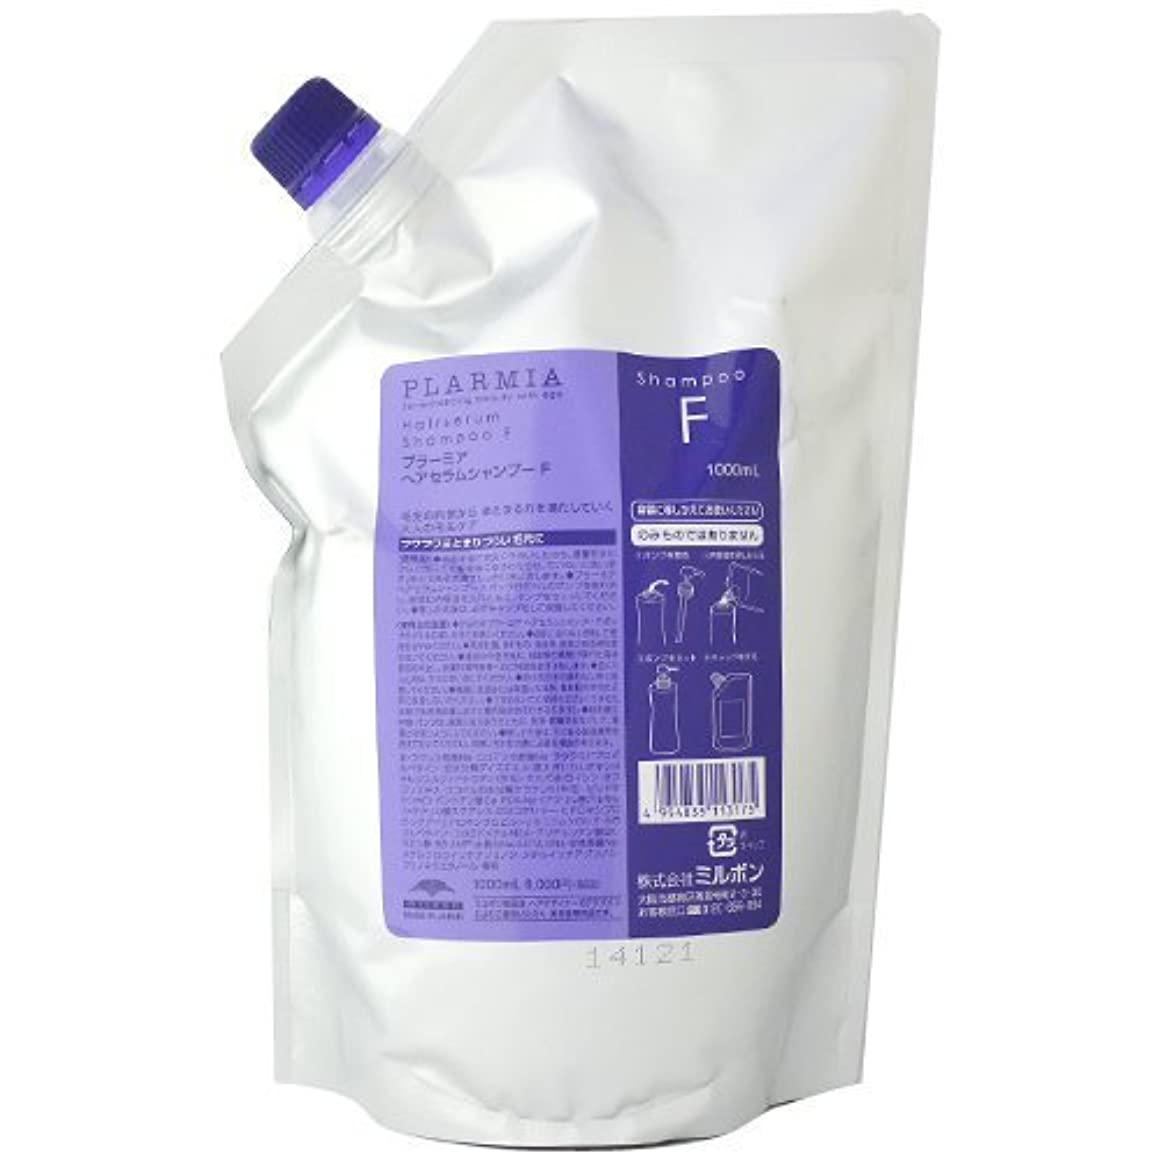 パースブラックボロウ過敏な修正するミルボン プラーミア ヘアセラムシャンプーF 1000ml(レフィル)